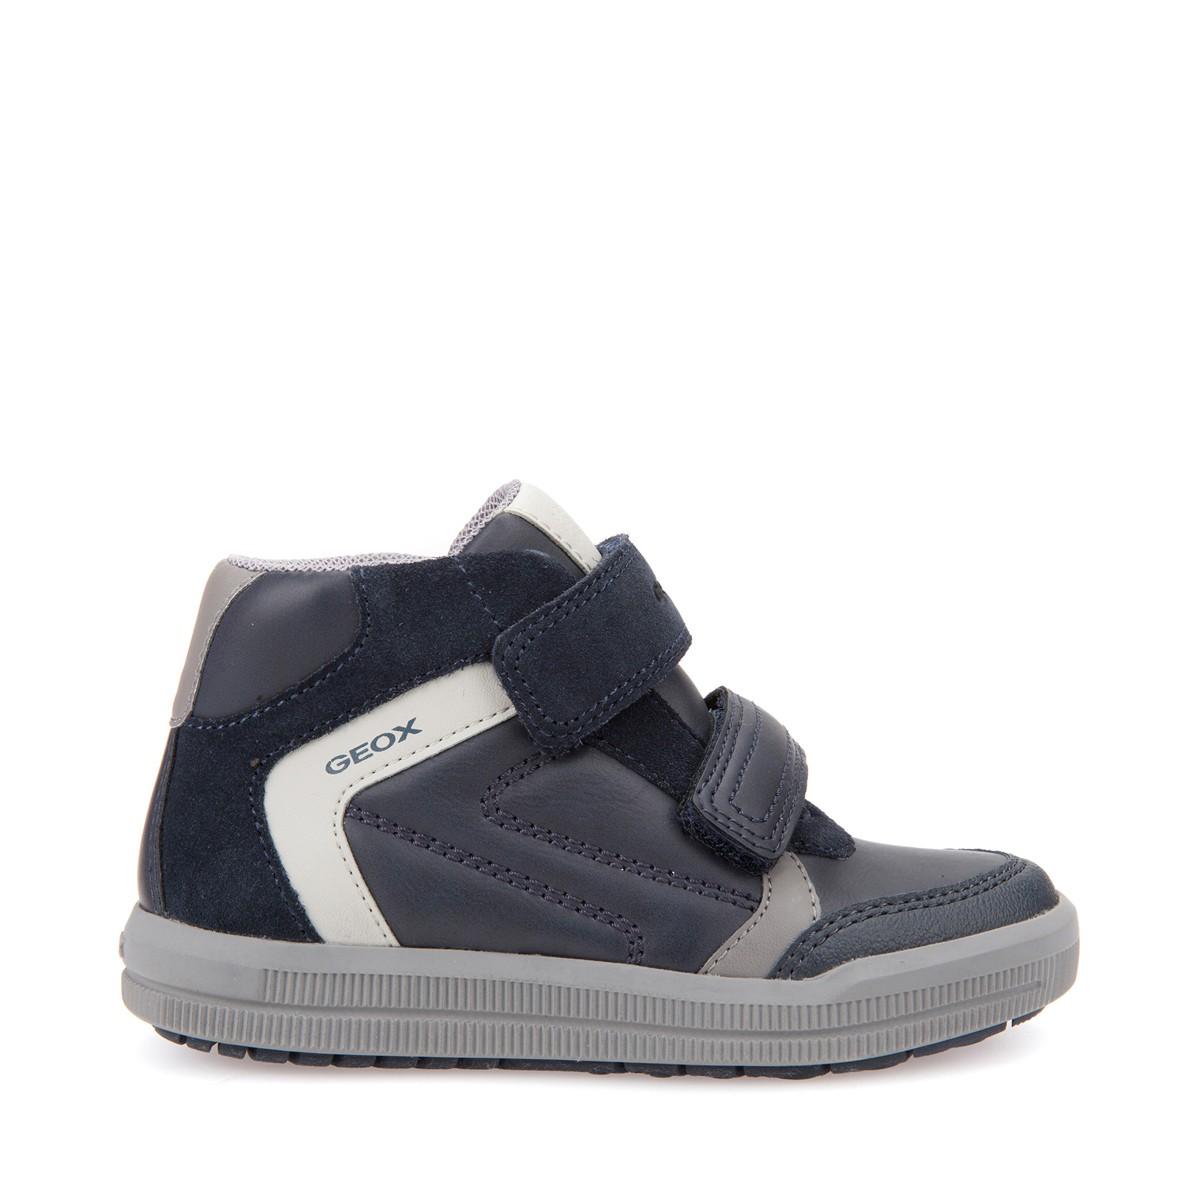 Geox scarpe junior bimbi sneakers alte linea arzach in pelle